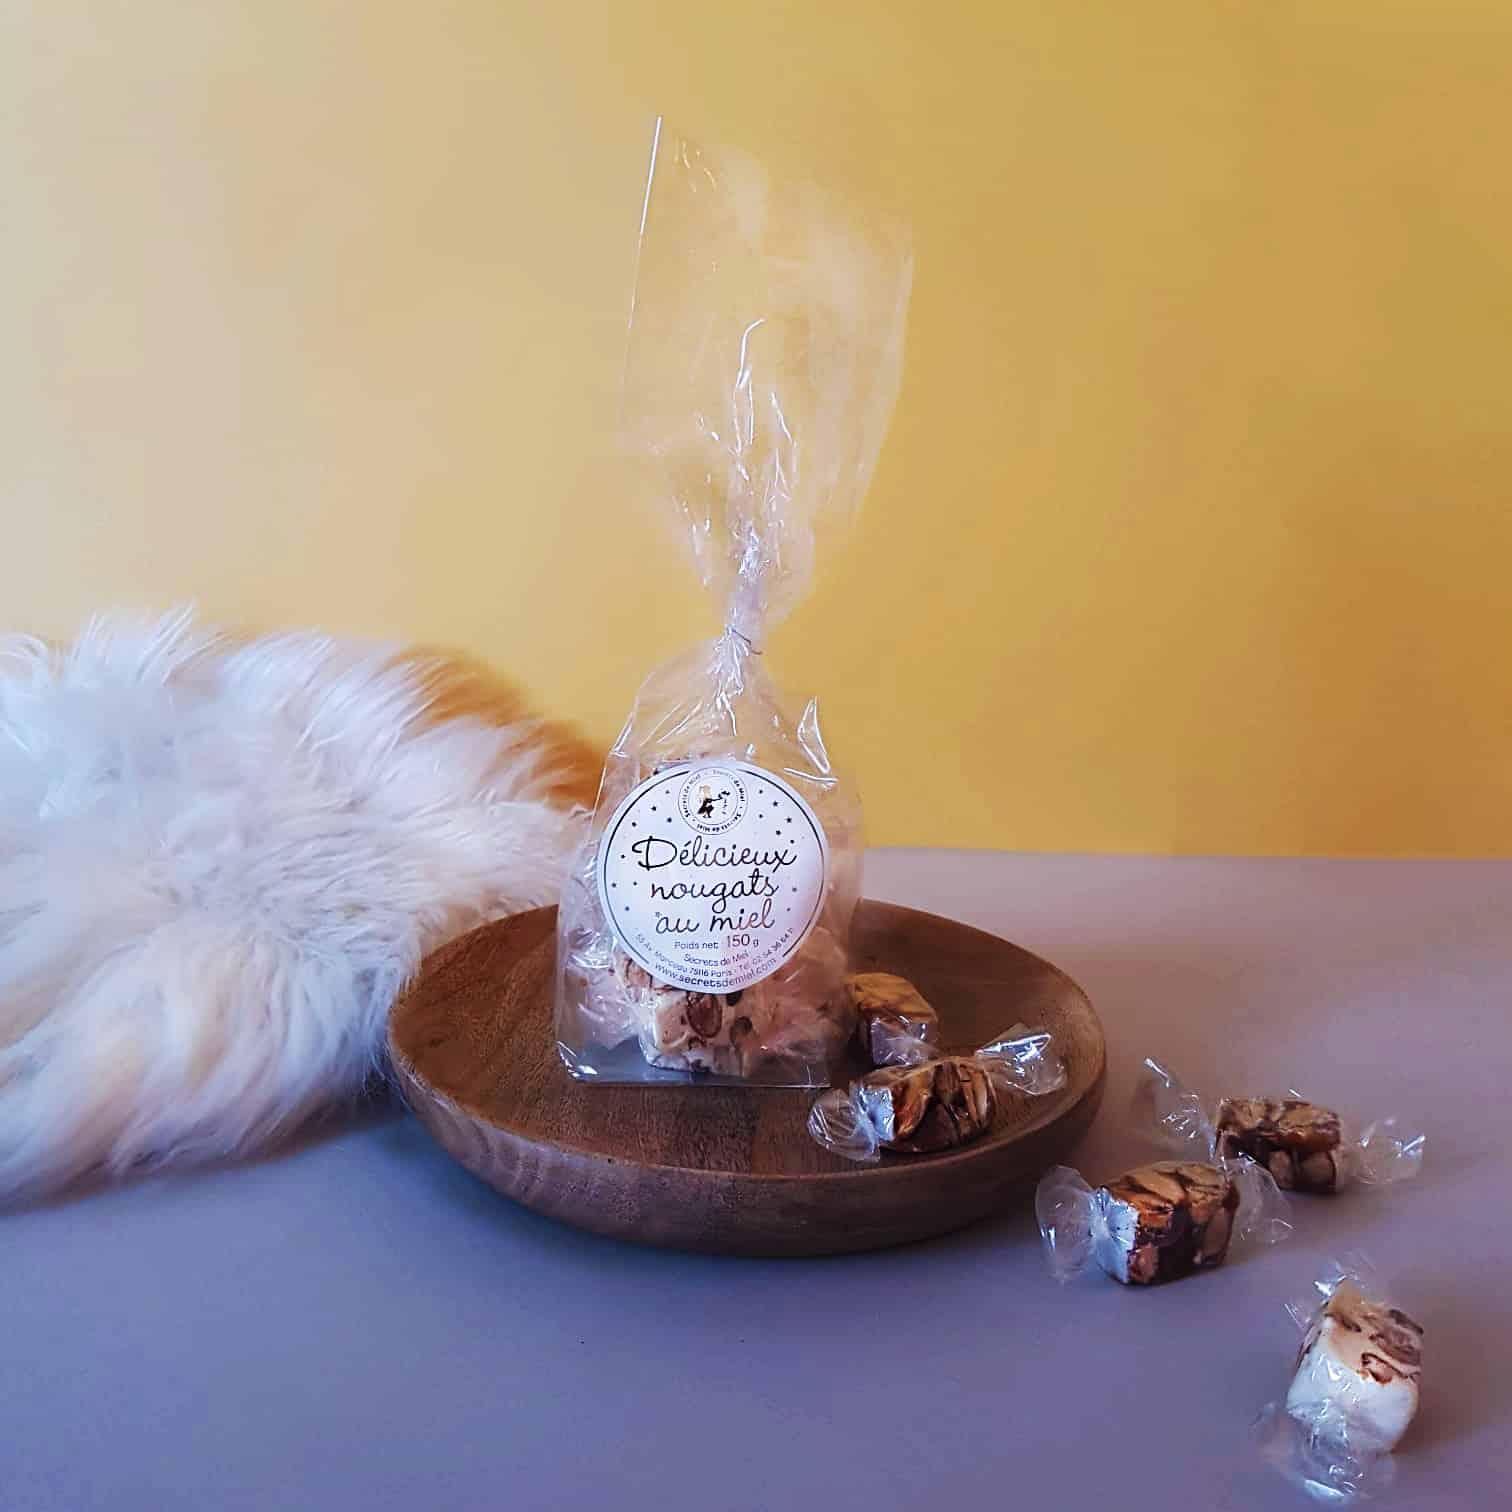 Nougats au miel - Secrets de Miel - fabrication artisanale